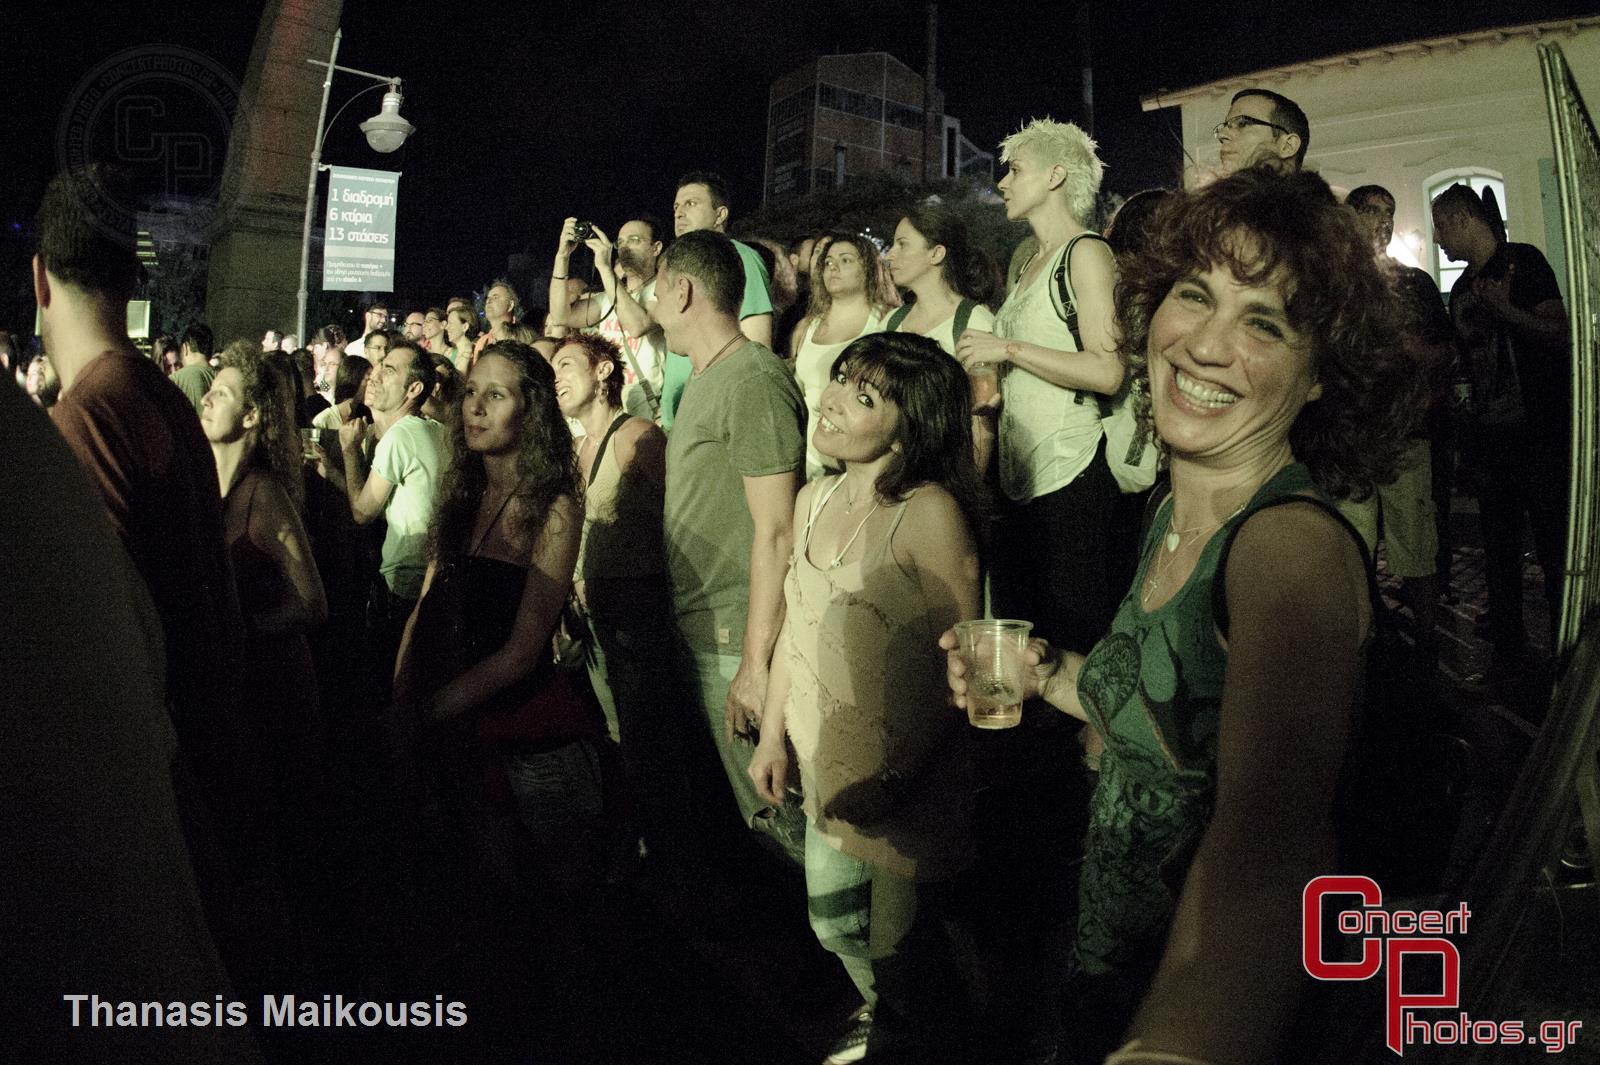 En Lefko 2014-En Lefko 2014 photographer: Thanasis Maikousis - concertphotos_20140621_22_08_03